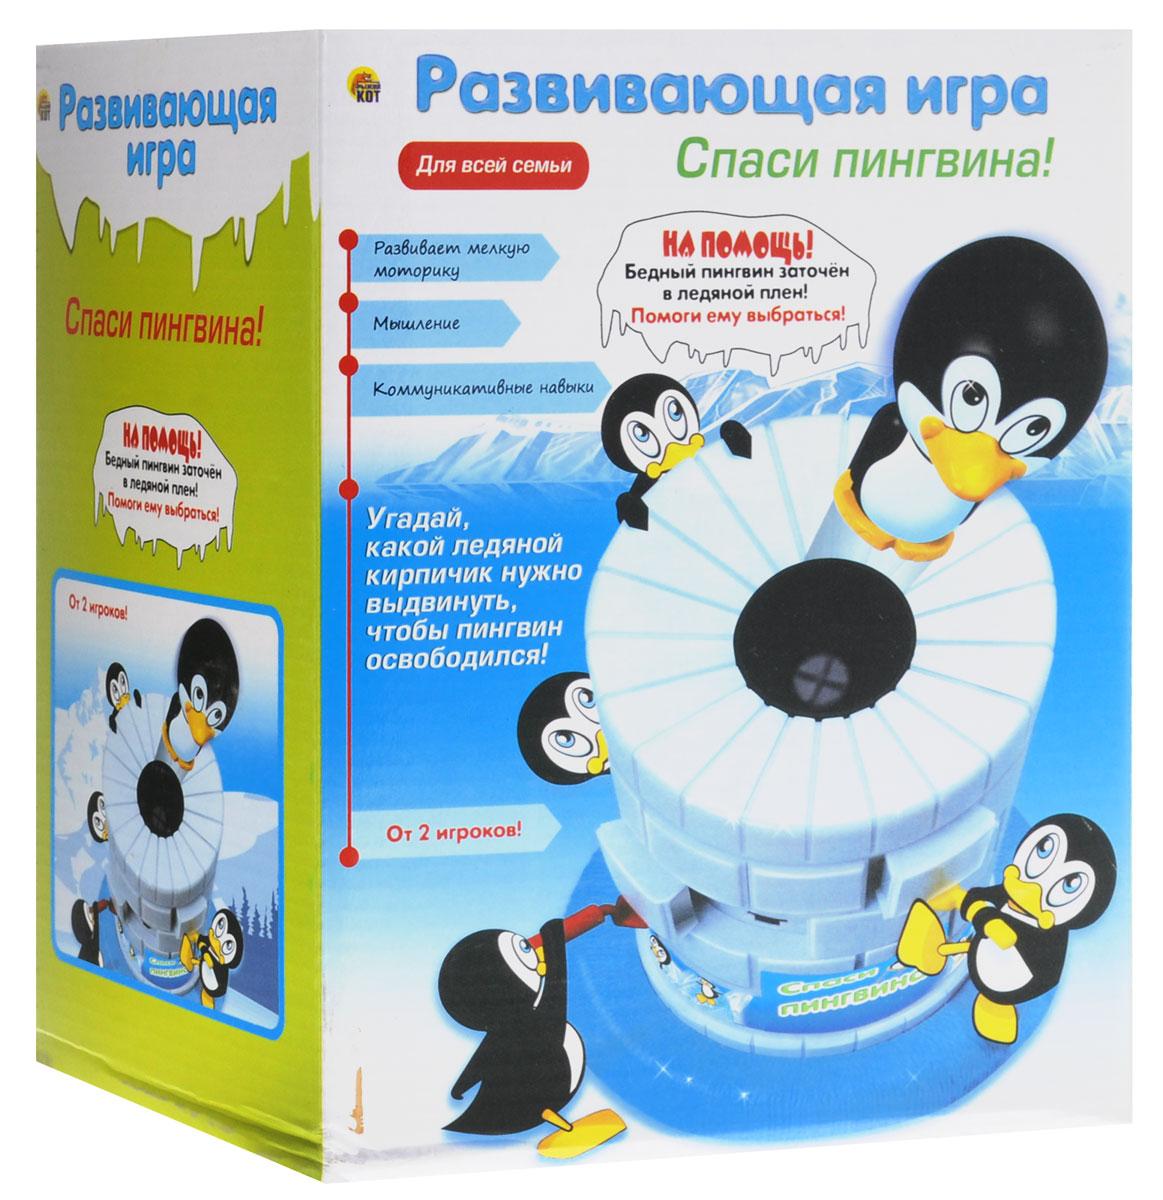 Рыжий Кот Настольная игра Спаси пингвина!ИН-8892Пингвин застрял в ледяном доме и не может выбраться! Убирайте ледяные кубики один за другим и найдите тот, который удерживает пингвина. Самый младший игрок делает первый ход, вставляя лопатку в щель между любыми кубиками. Убедитесь, что она введена максимально глубоко. Аккуратно достаньте лопатку вместе с кубиком. Если пингвин не выпрыгнул, очередь переходит к следующему игроку по часовой стрелке. Победителем становится тот, кто спасет пингвина, убрав нужный кубик. Число раундов определяют сами игроки. Настольная игра Рыжий Кот Спаси пингвина! предназначена от двух игроков. Игра развивает мелкую моторику, мышление, коммуникативные навыки.